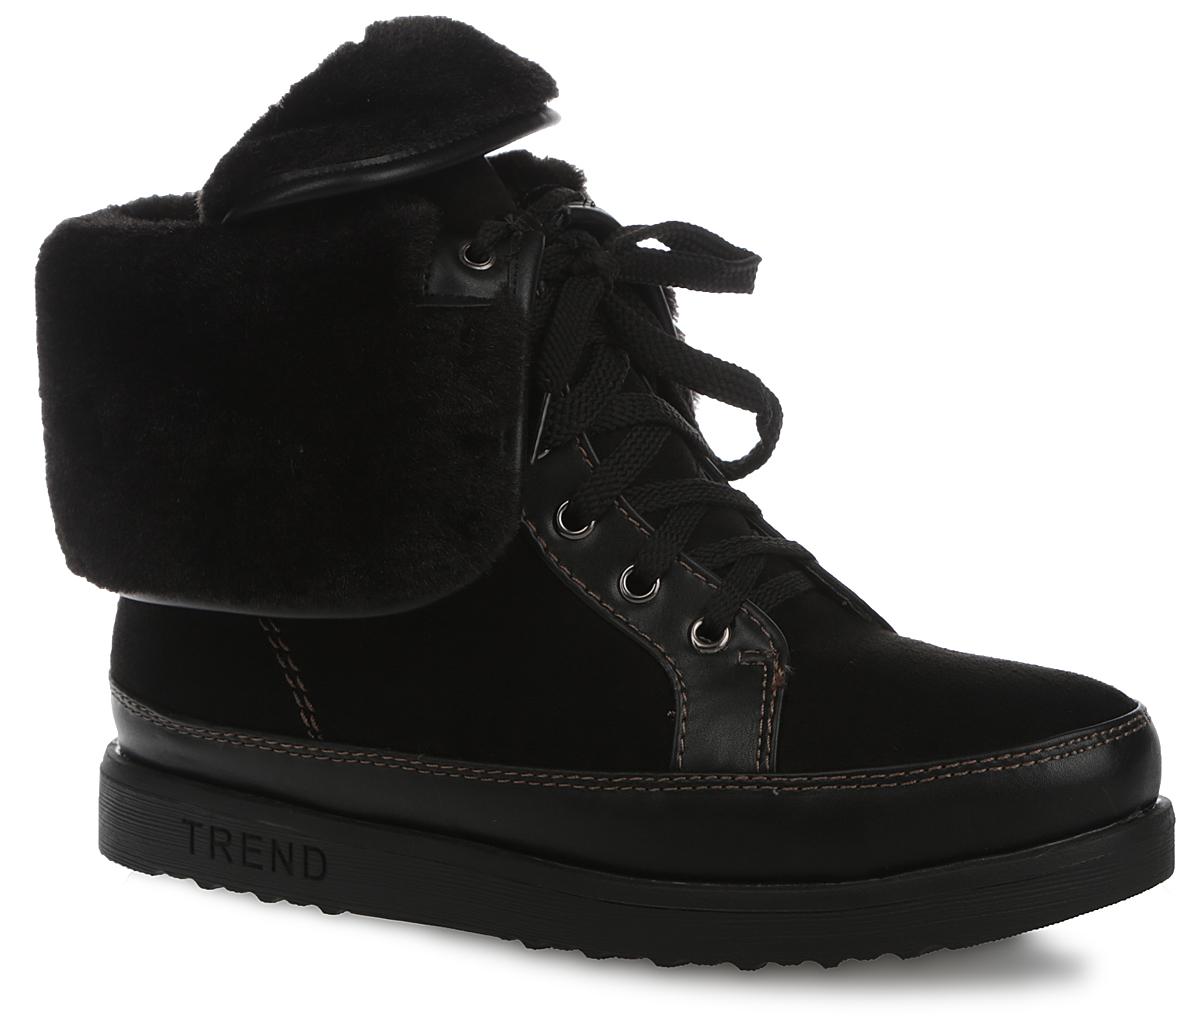 Ботинки женские. 60247-01-1AM60247-01-1AMУдобные женские ботинки от Inario покорят вас с первого взгляда! Модель изготовлена из качественного текстиля со вставками из искусственной кожи. Обувь оформлена контрастной прострочкой, отворотом из искусственного меха, на подошве - тиснением в виде надписи Trend. Шнуровка прочно зафиксирует обувь. Подкладка и стелька из искусственного меха подарят вашим ногам тепло и комфорт. Подошва оснащена противоскользящим рифлением. Стильные и удобные ботинки - незаменимая вещь в гардеробе каждой женщины.